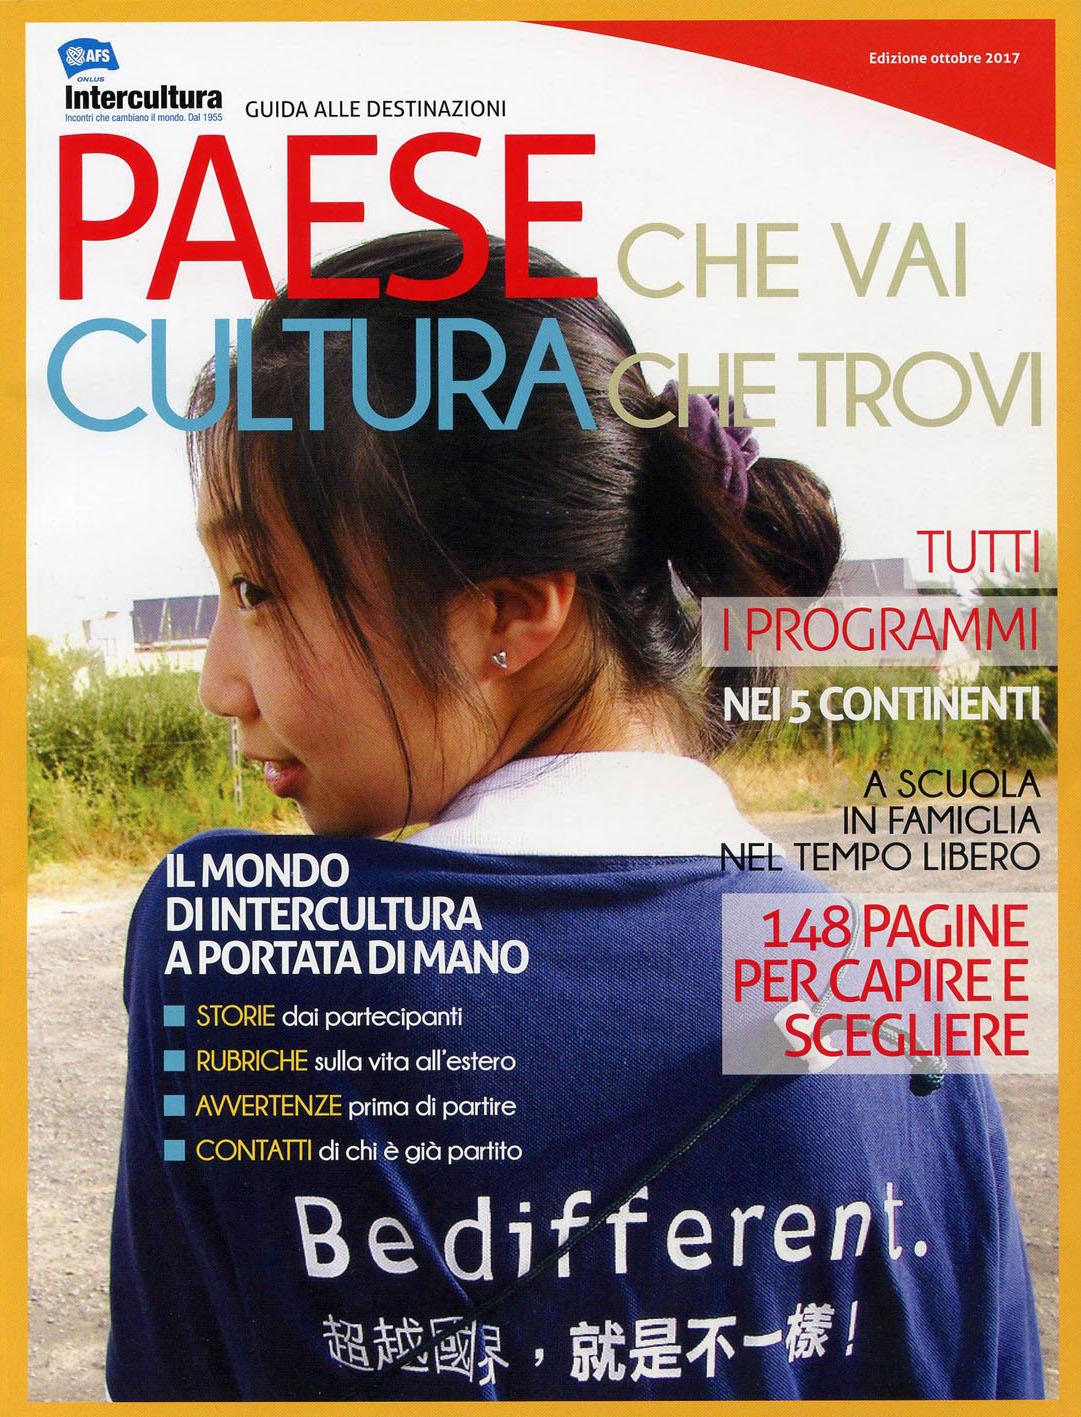 Intercultura, il Liceo Guacci di Benevento offre la possibilità di studiare all'estero